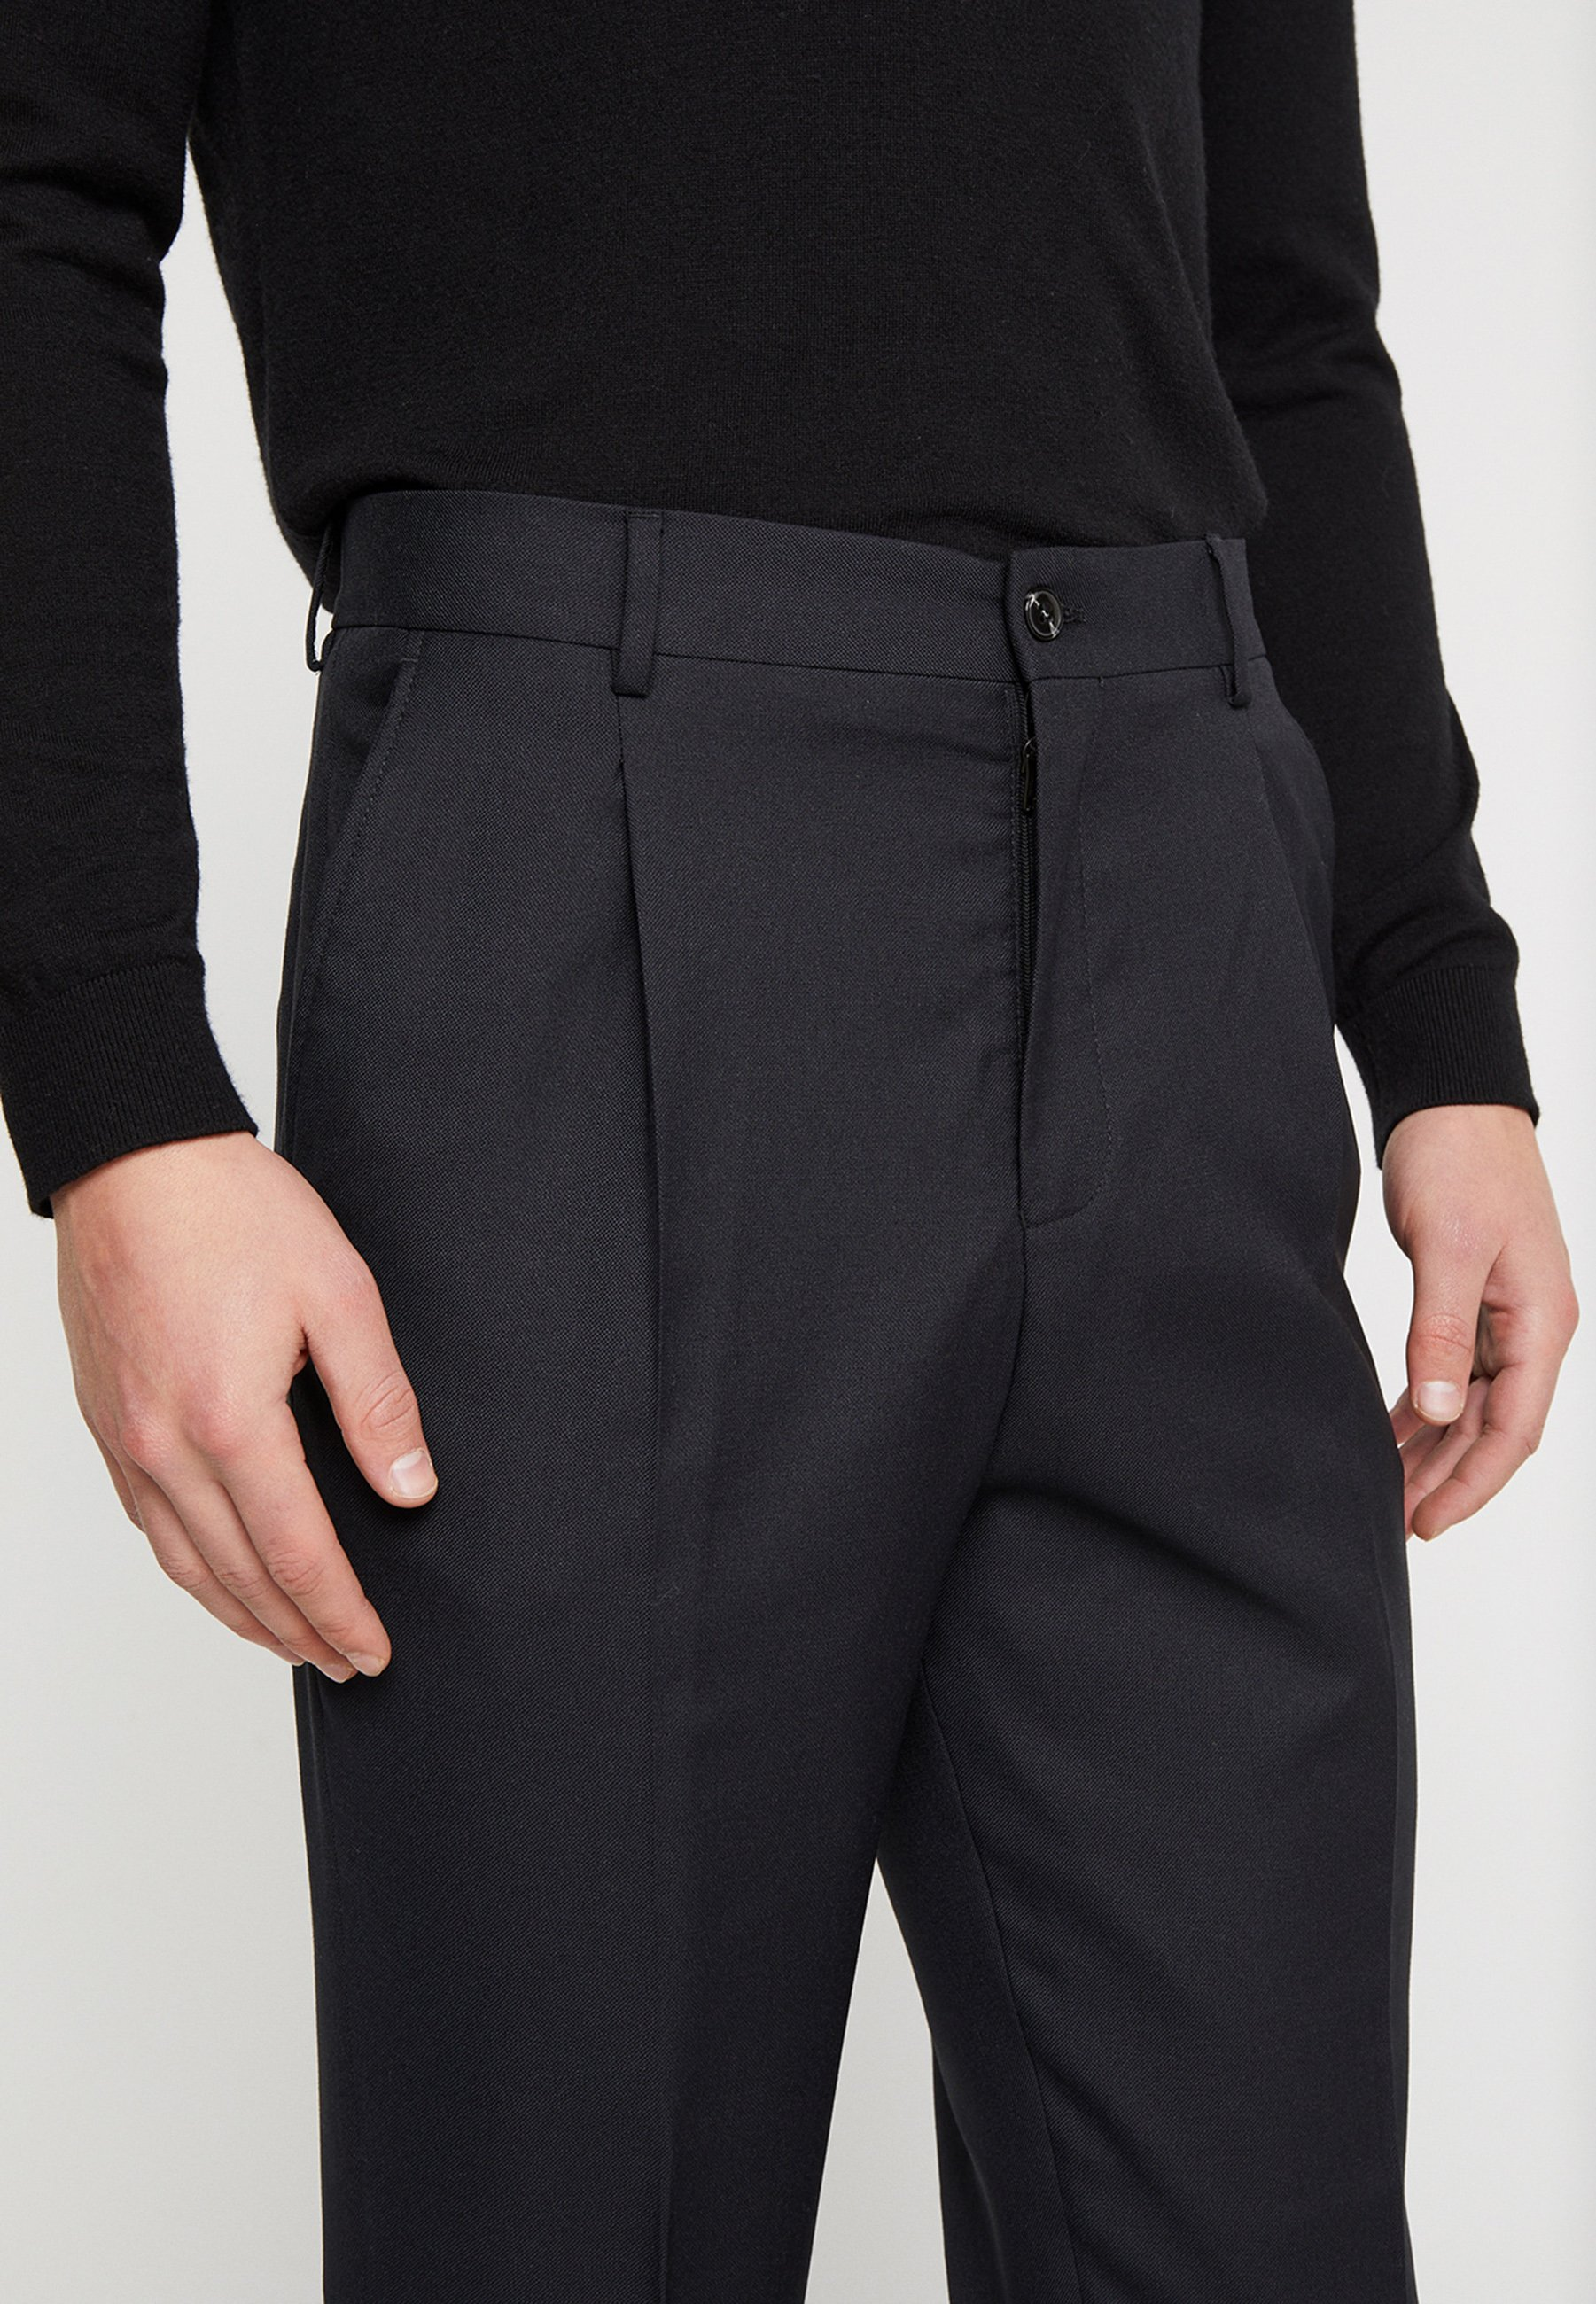 JPRPHILIP HIGH WAIST TROUSER Dressbukse black